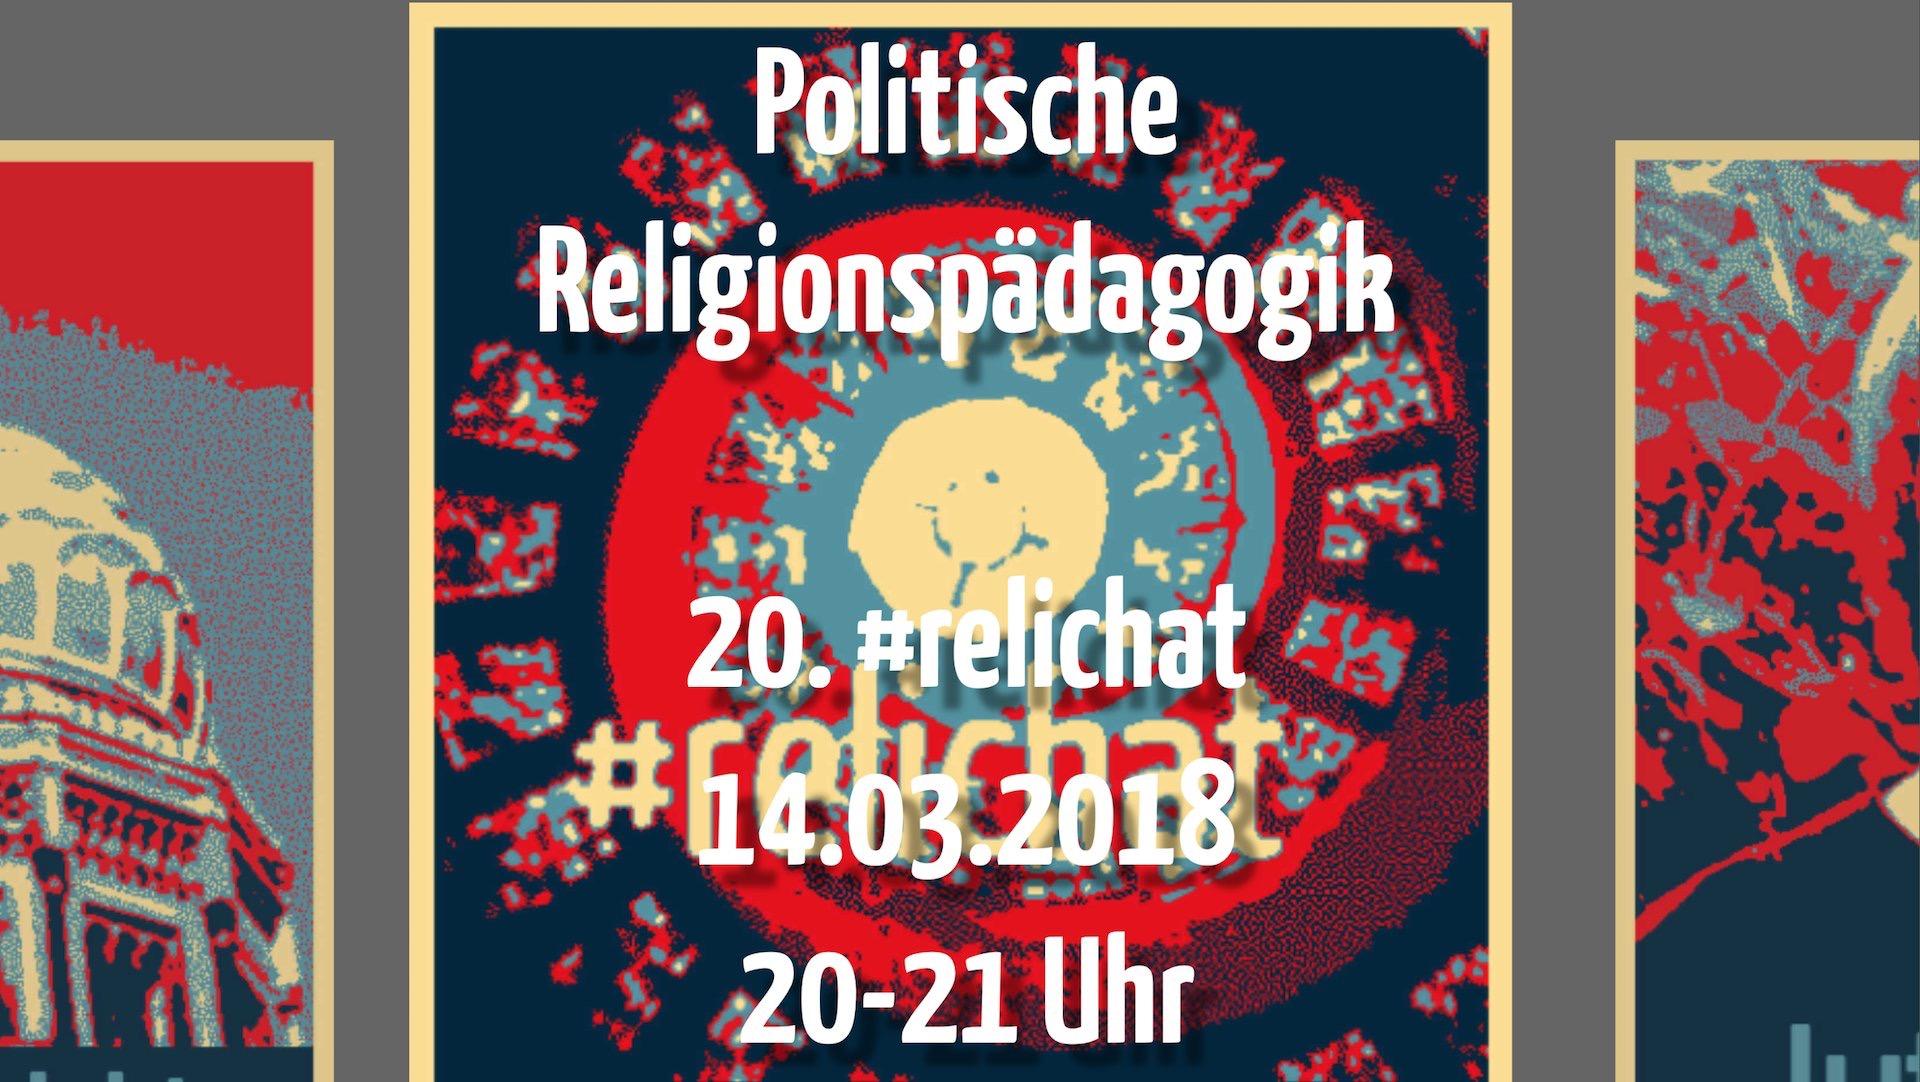 Politische Religionspädagogik